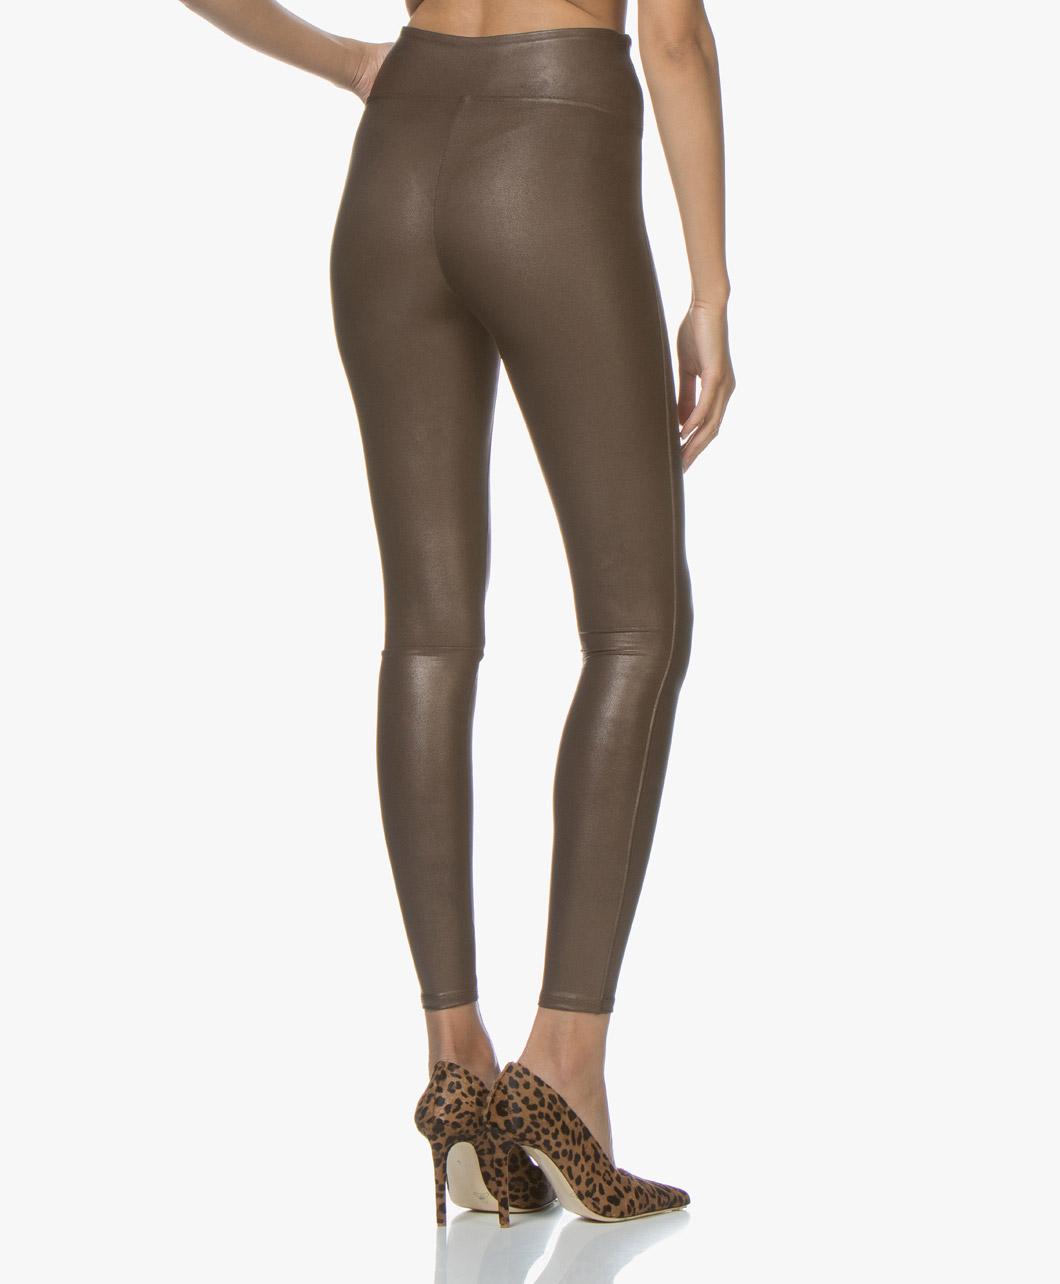 b4a27cf613c74b SPANX® Ready-to-Wow! Faux Leather Leggings - Bronze Metal - spx 2437 0842 -  bronze metal